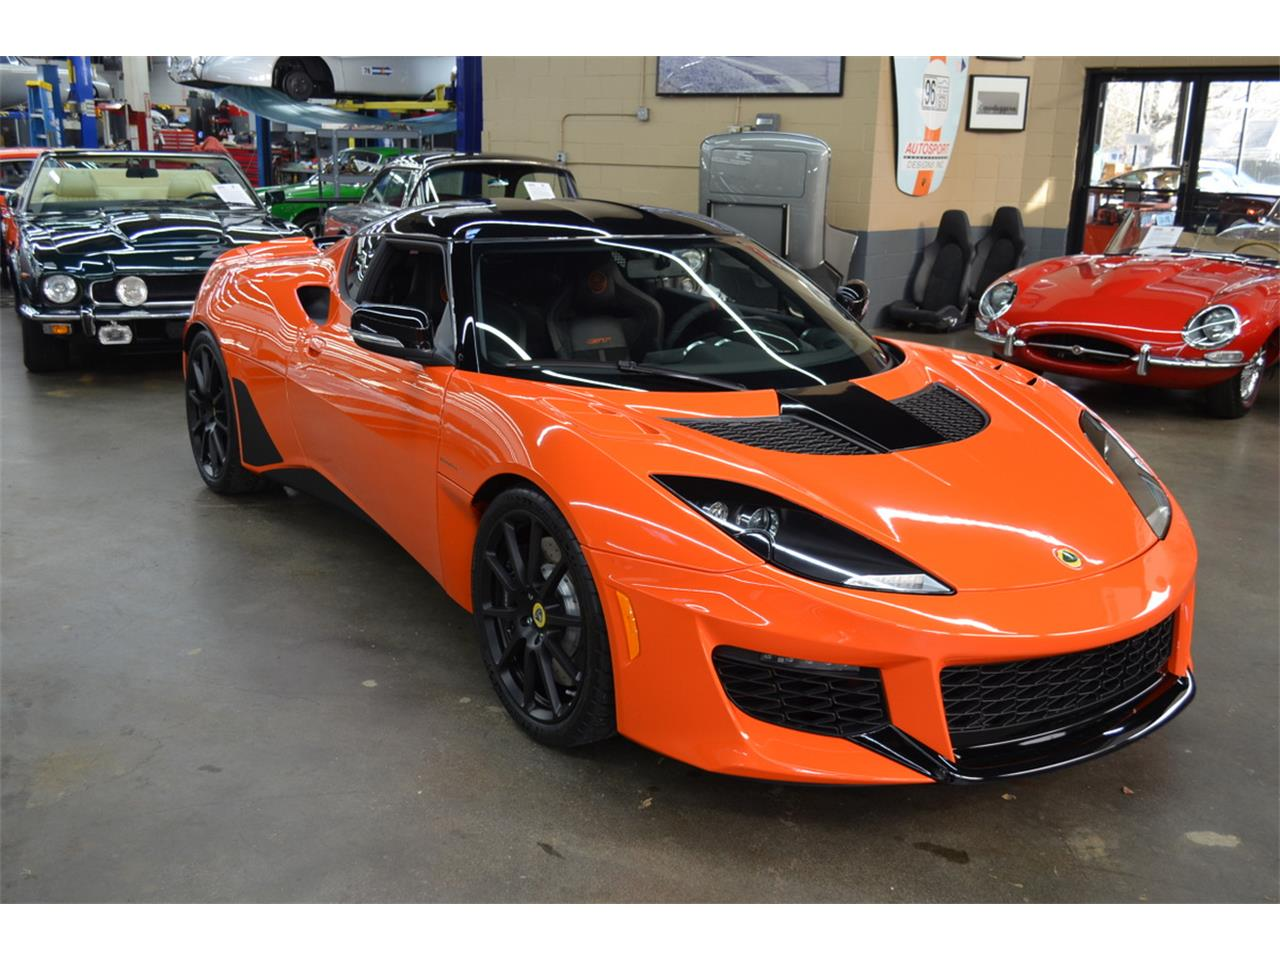 2020 Lotus Evora (CC-1310549) for sale in Huntington Station, New York